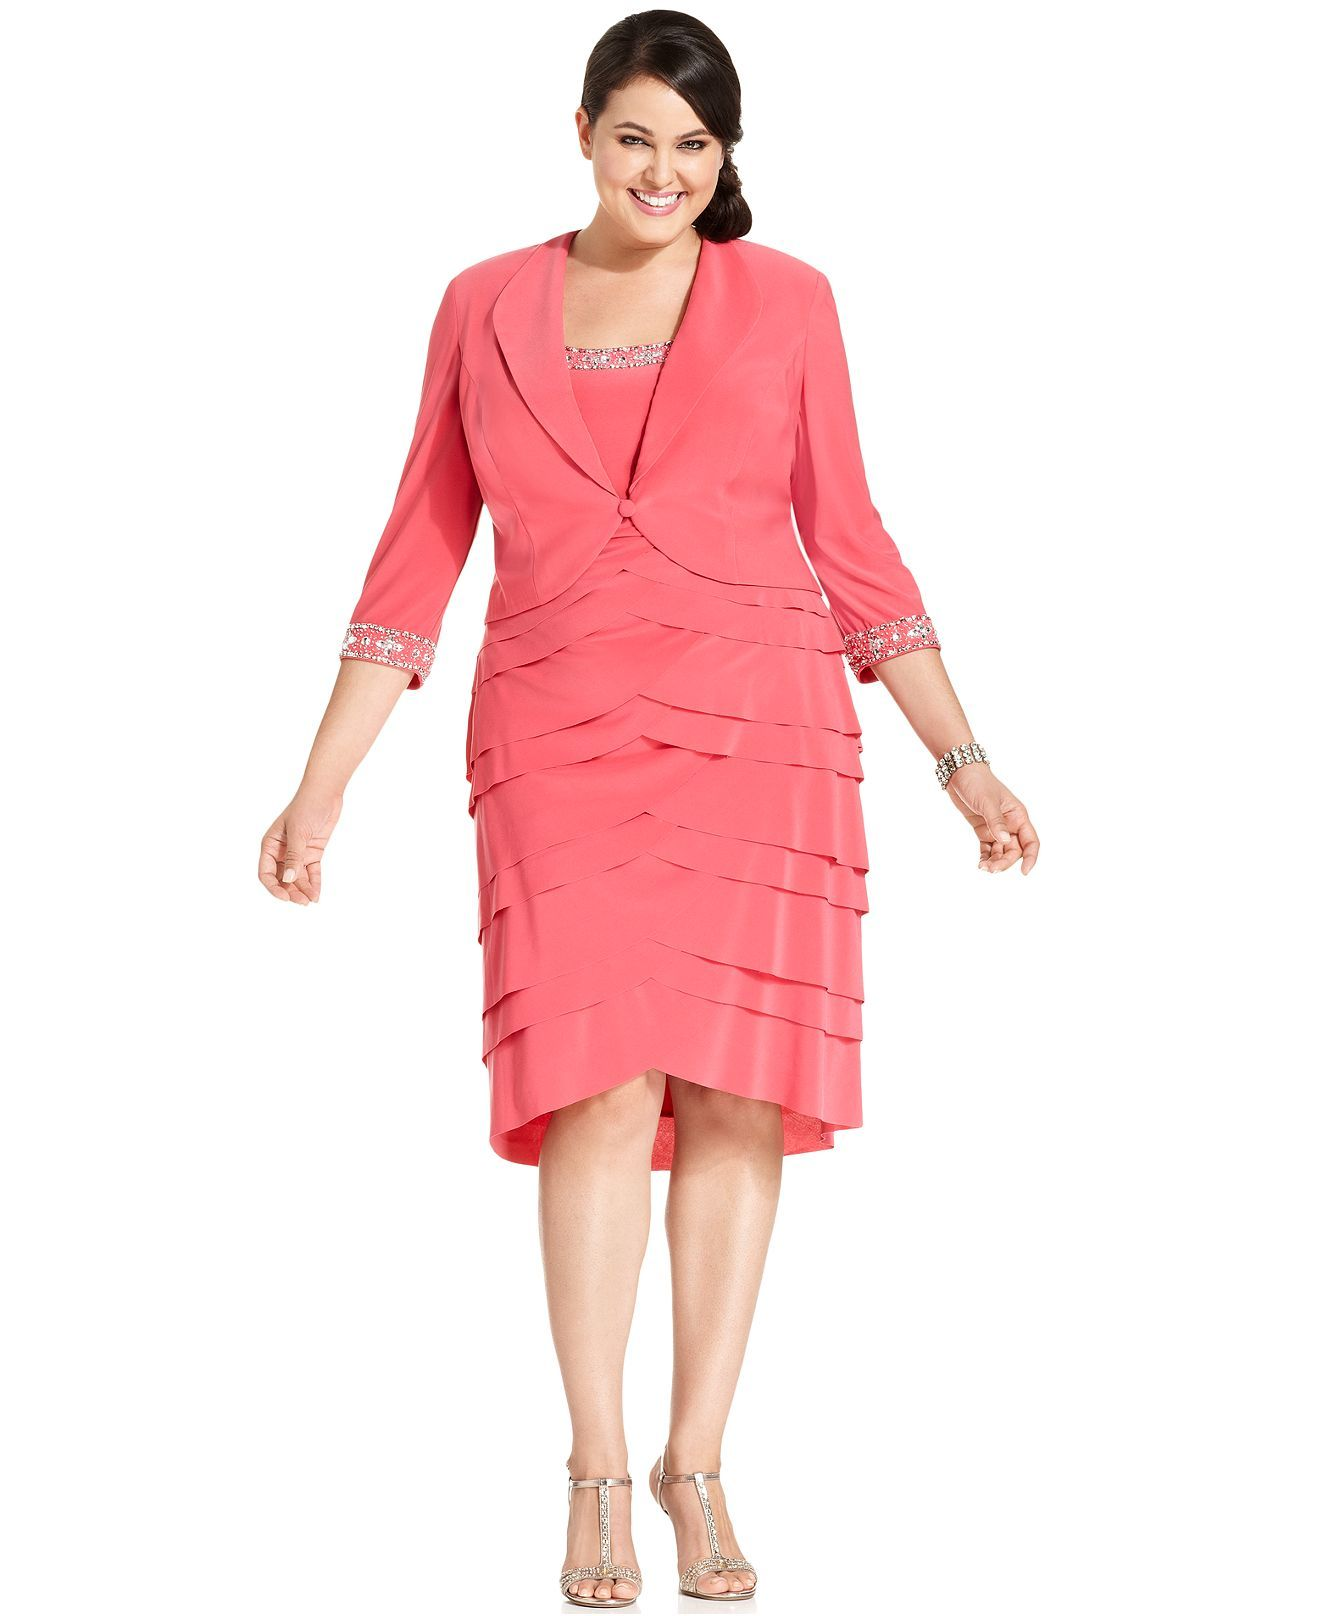 6d8865e7a1d Alex Evenings Plus Size Dress and Jacket